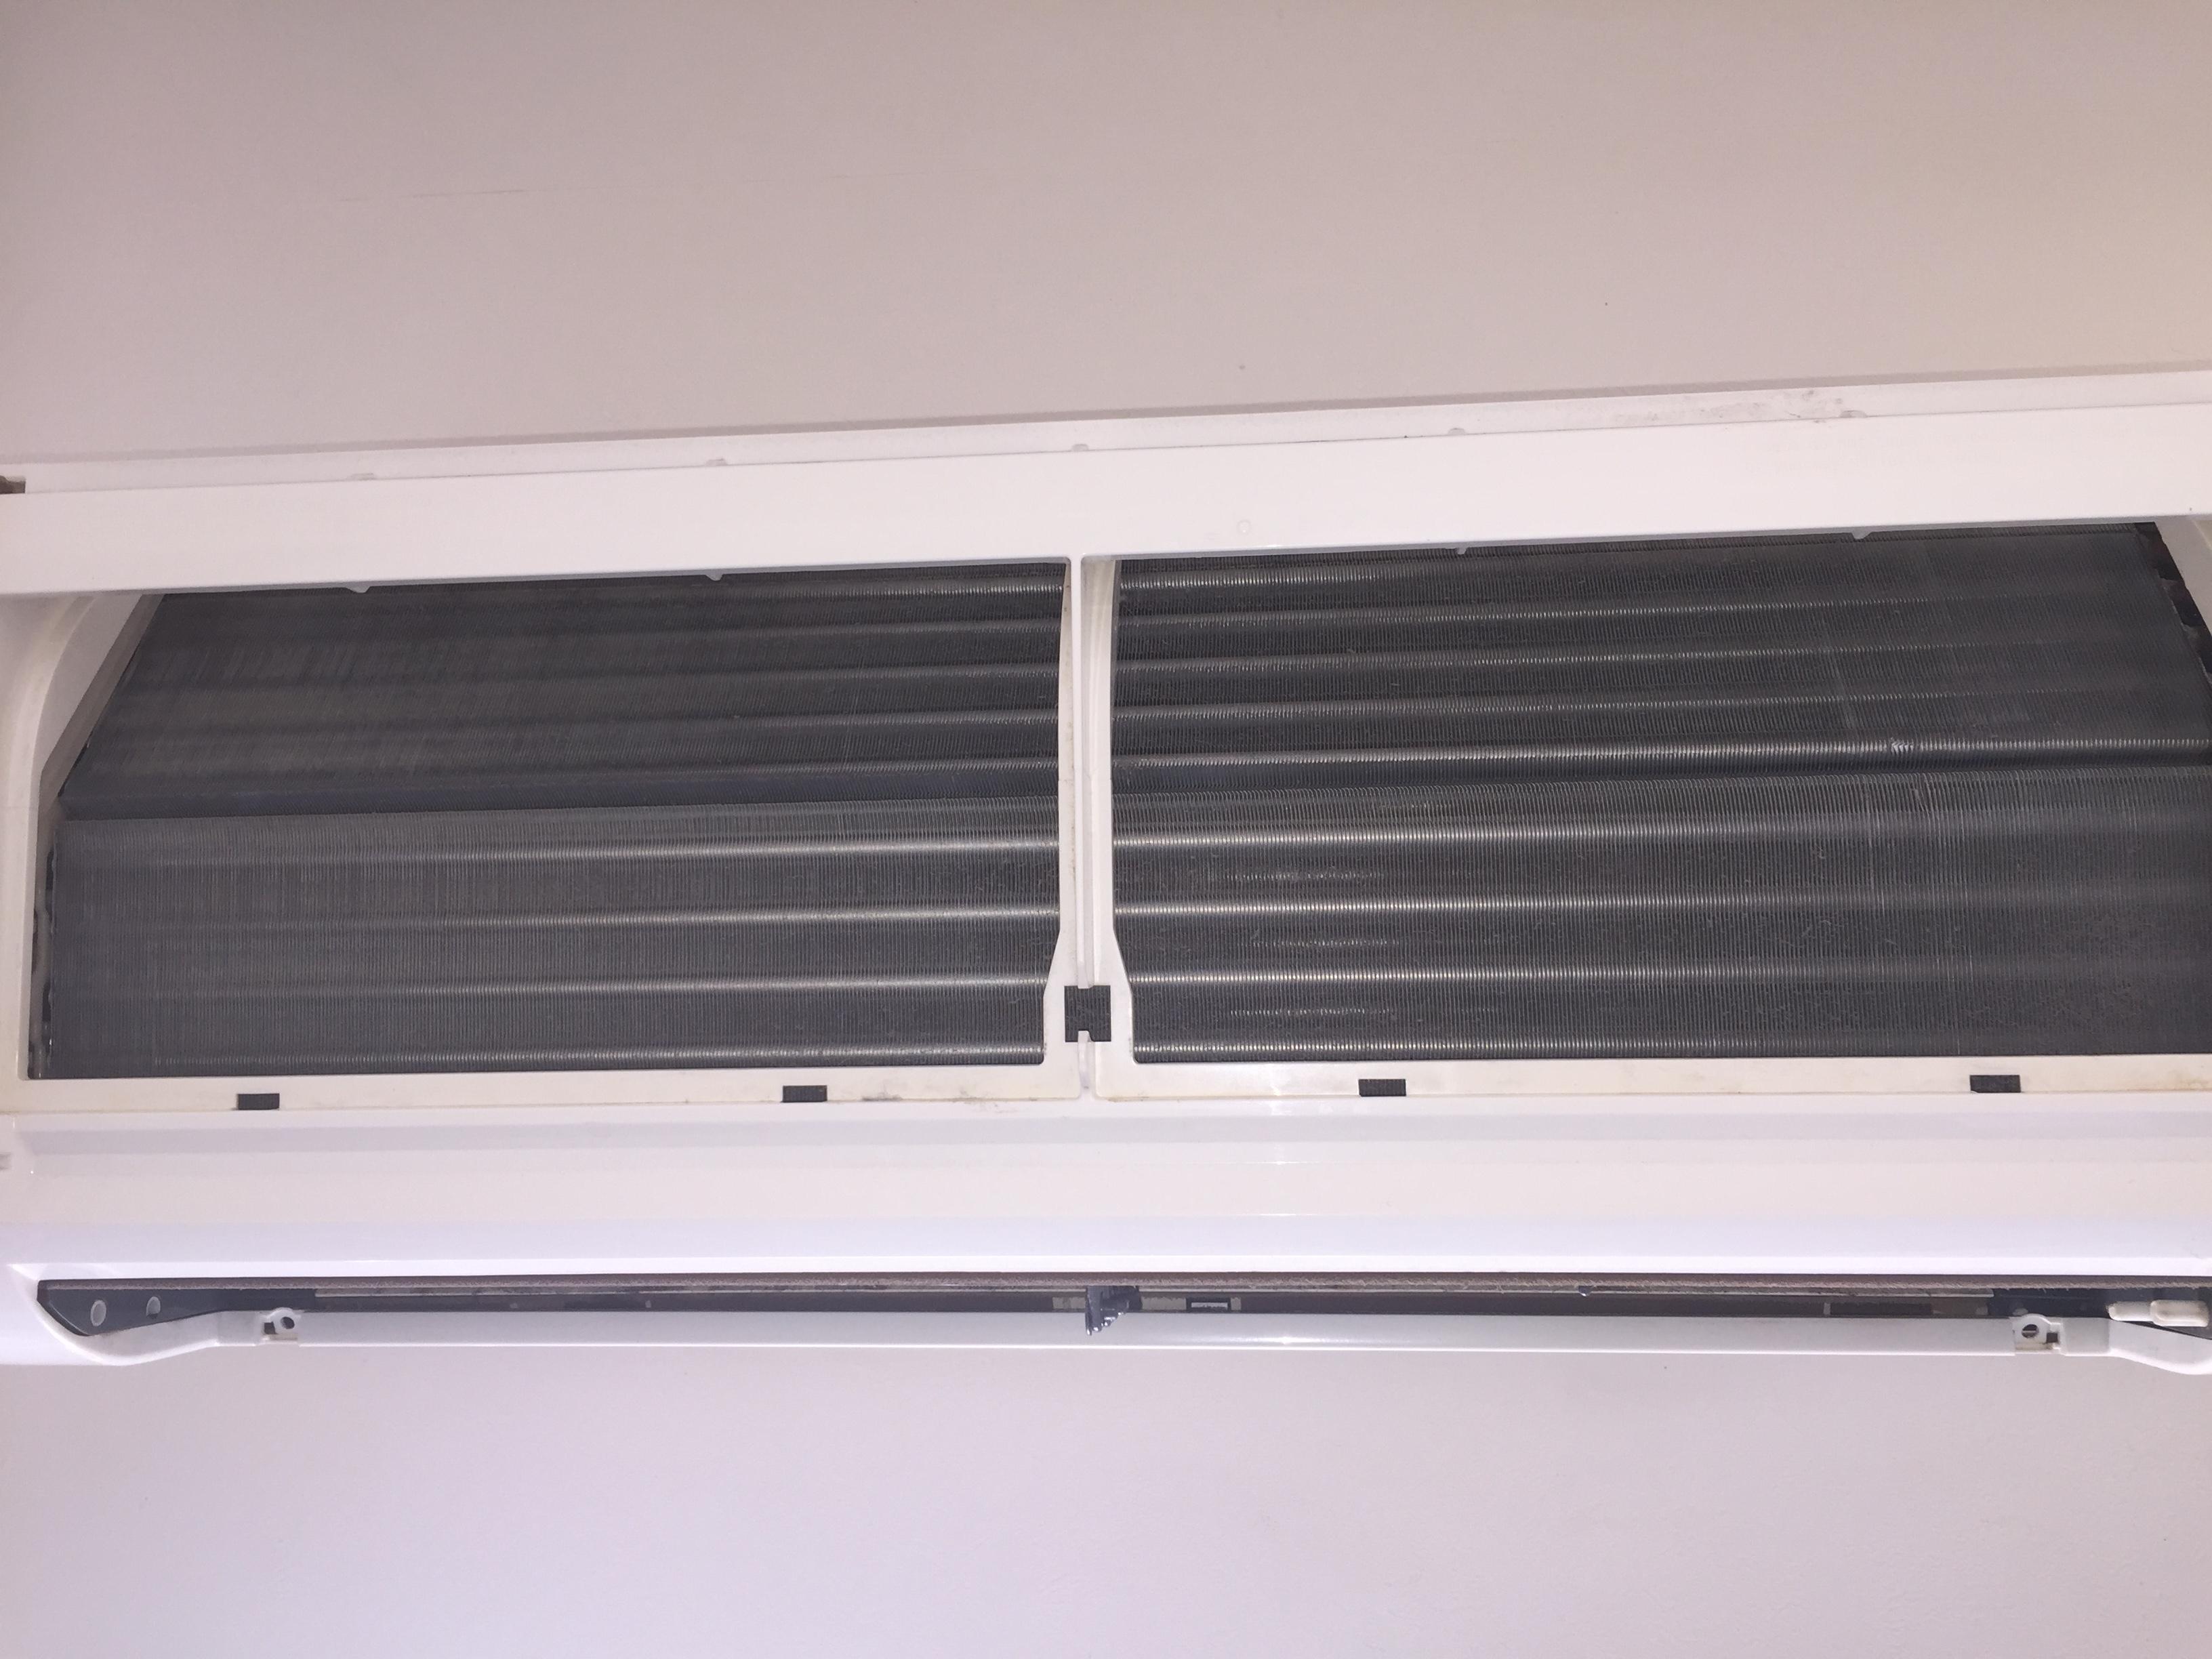 エアコン掃除プロにお任せ下さい。兵庫県>伊丹市>おそうじプラス エアコンクリーニング#壁掛け#すっきり#きれい#ハウスクリーニング!LINEで簡単お見積り!#おそうじプラス